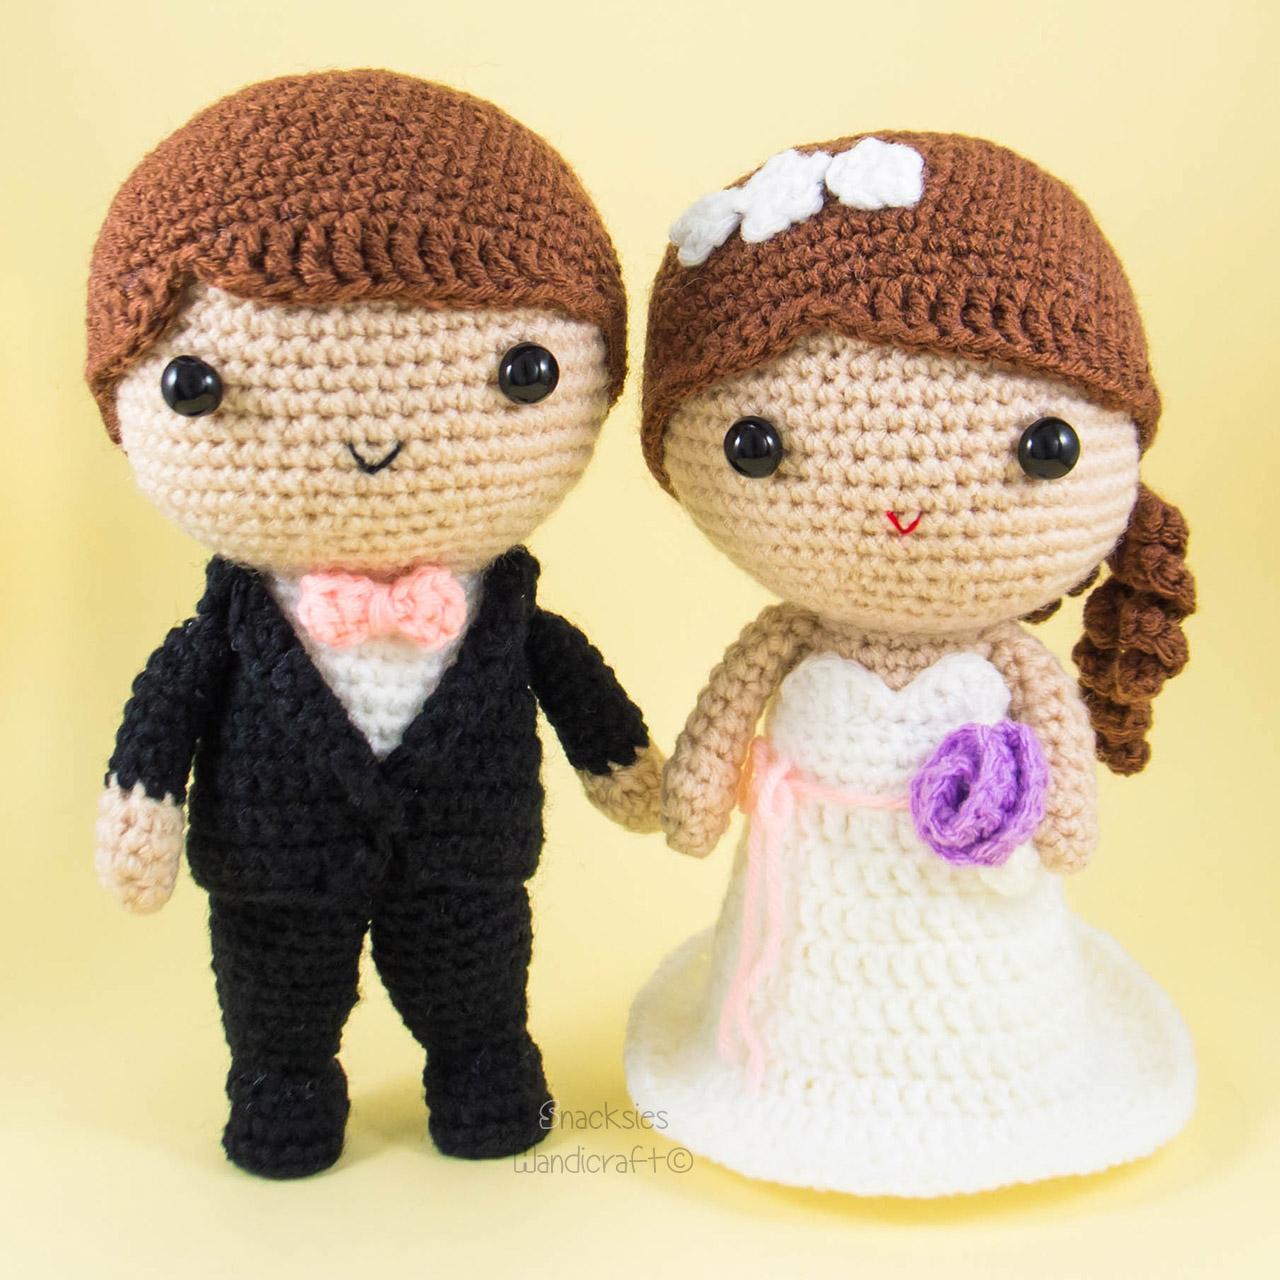 bride and groom amigurumi crochet ~ snacksies handicraft corner